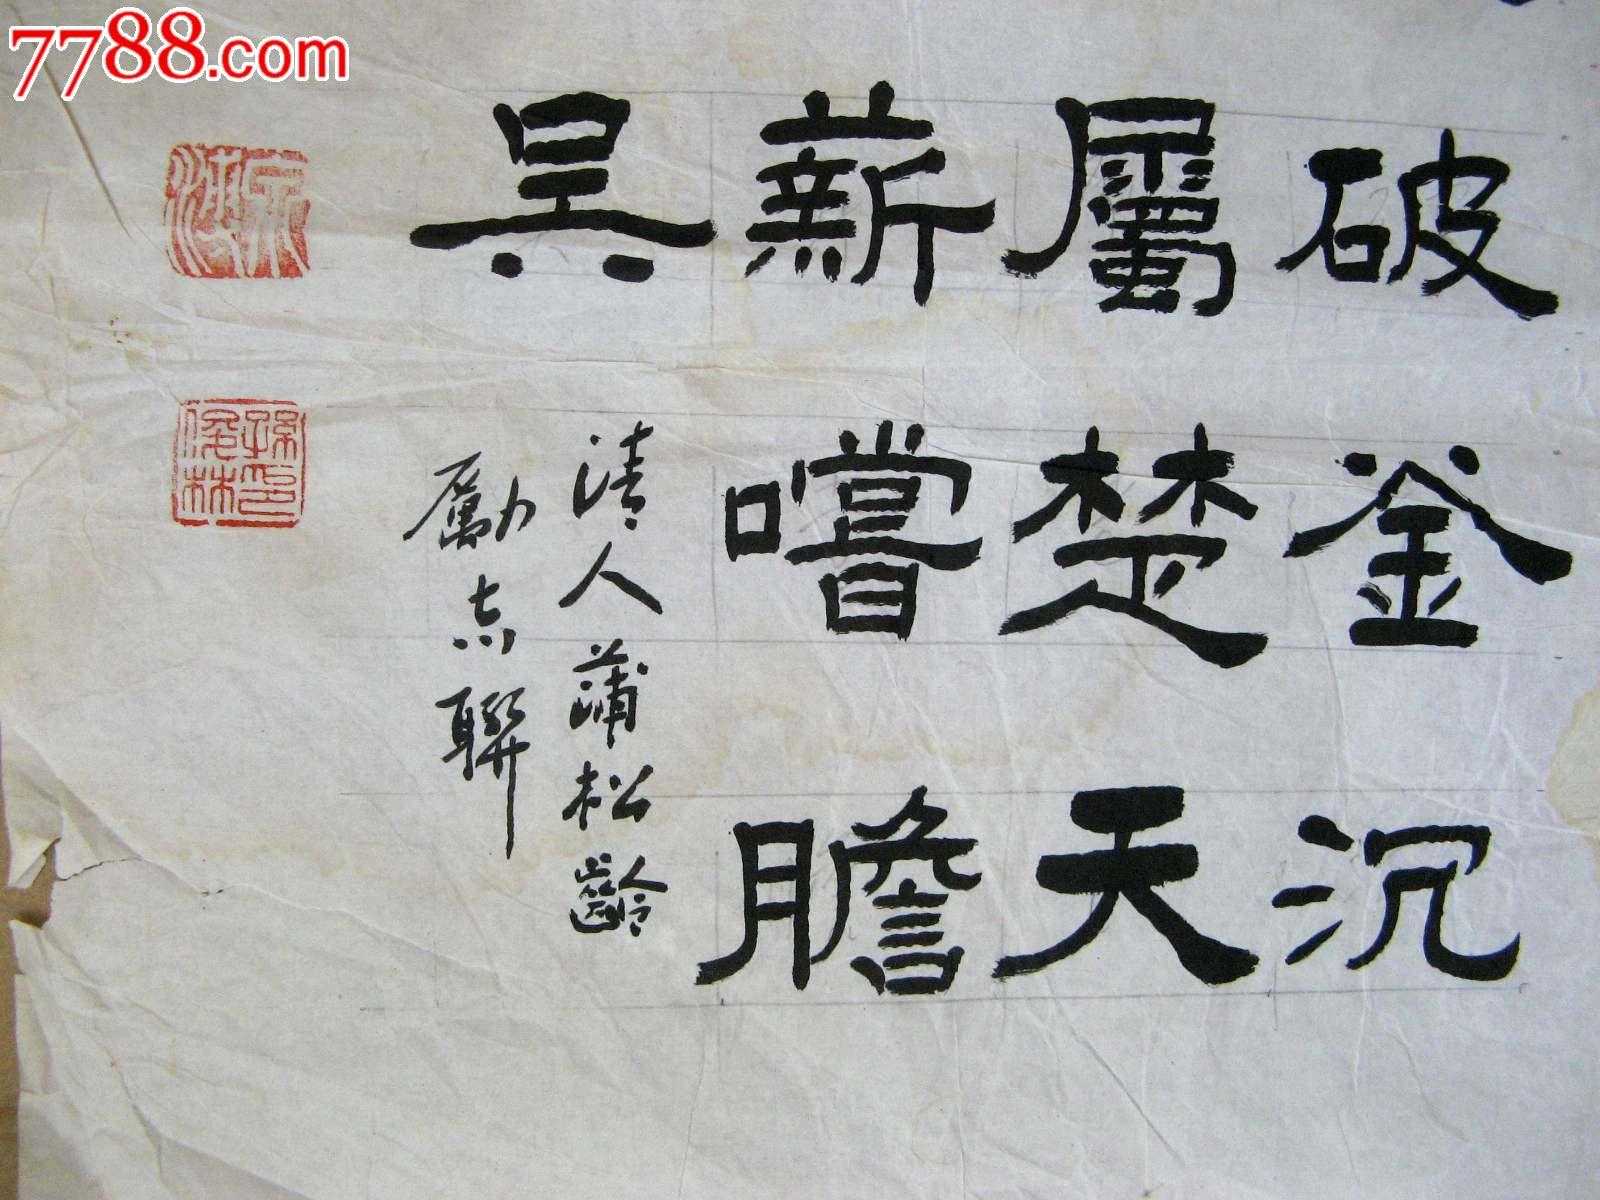 北京老书家二尺条幅隶书录蒲松龄励志联图片